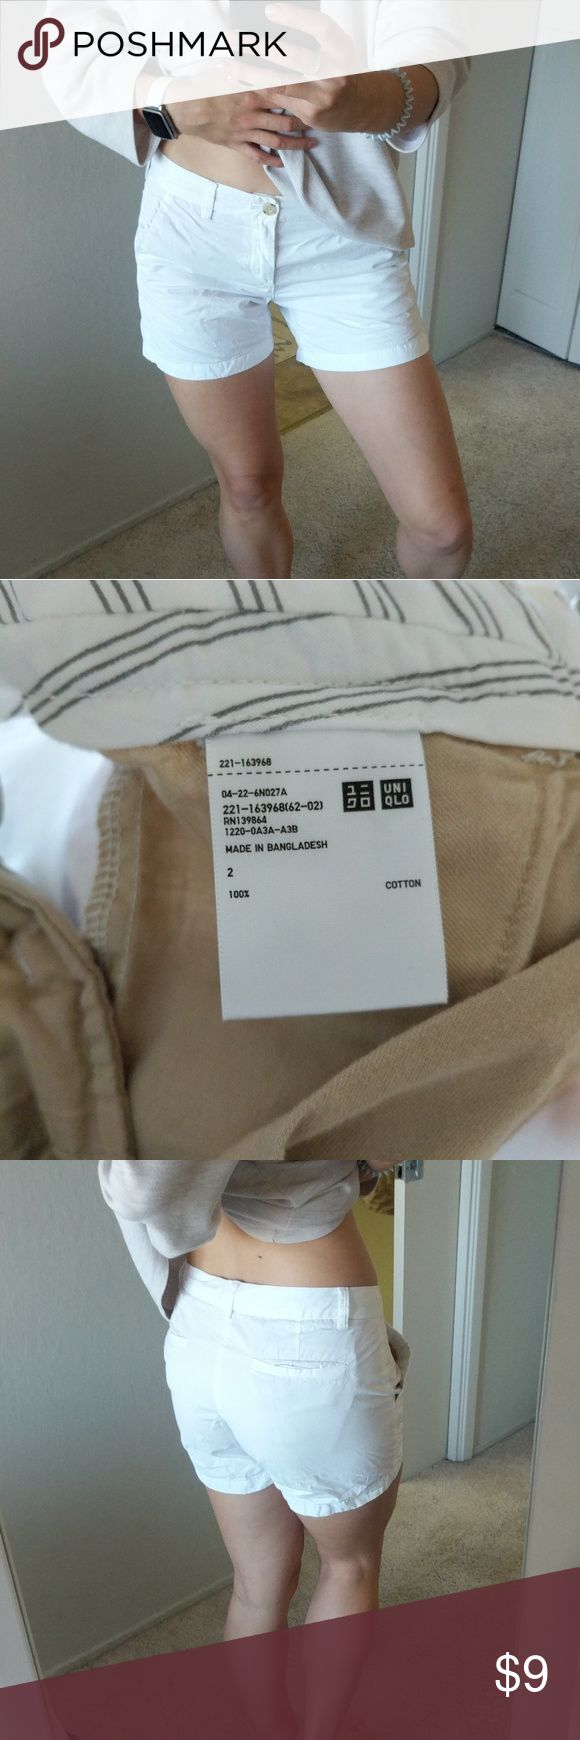 Uniqlo chino shorts Uniqlo chino shorts  - size 2, will fit size 4 - white - 100% cotton - excellent condition Uniqlo Shorts